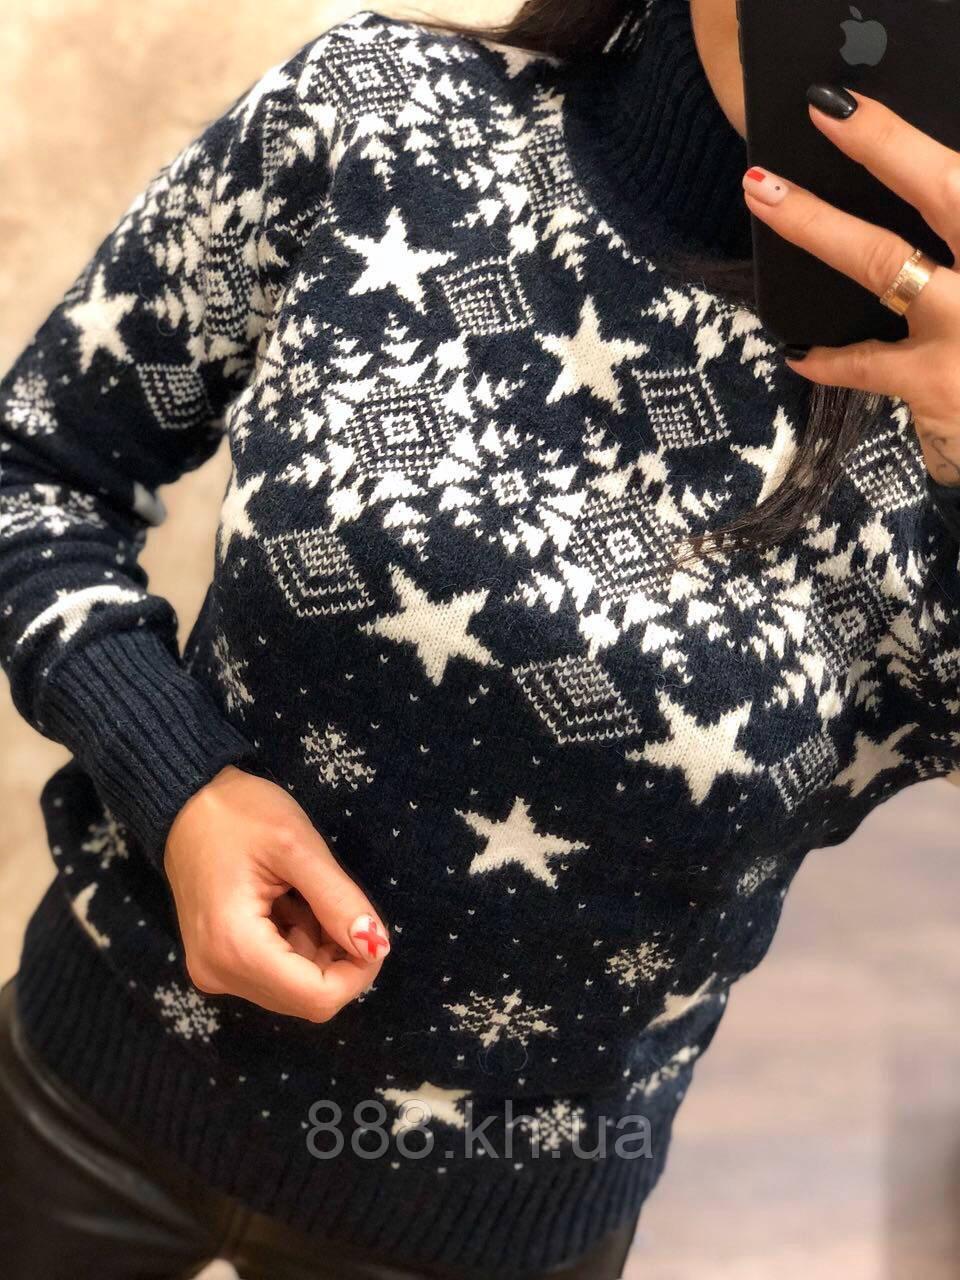 Праздничный шерстяной женский свитер со звездами (вязка)